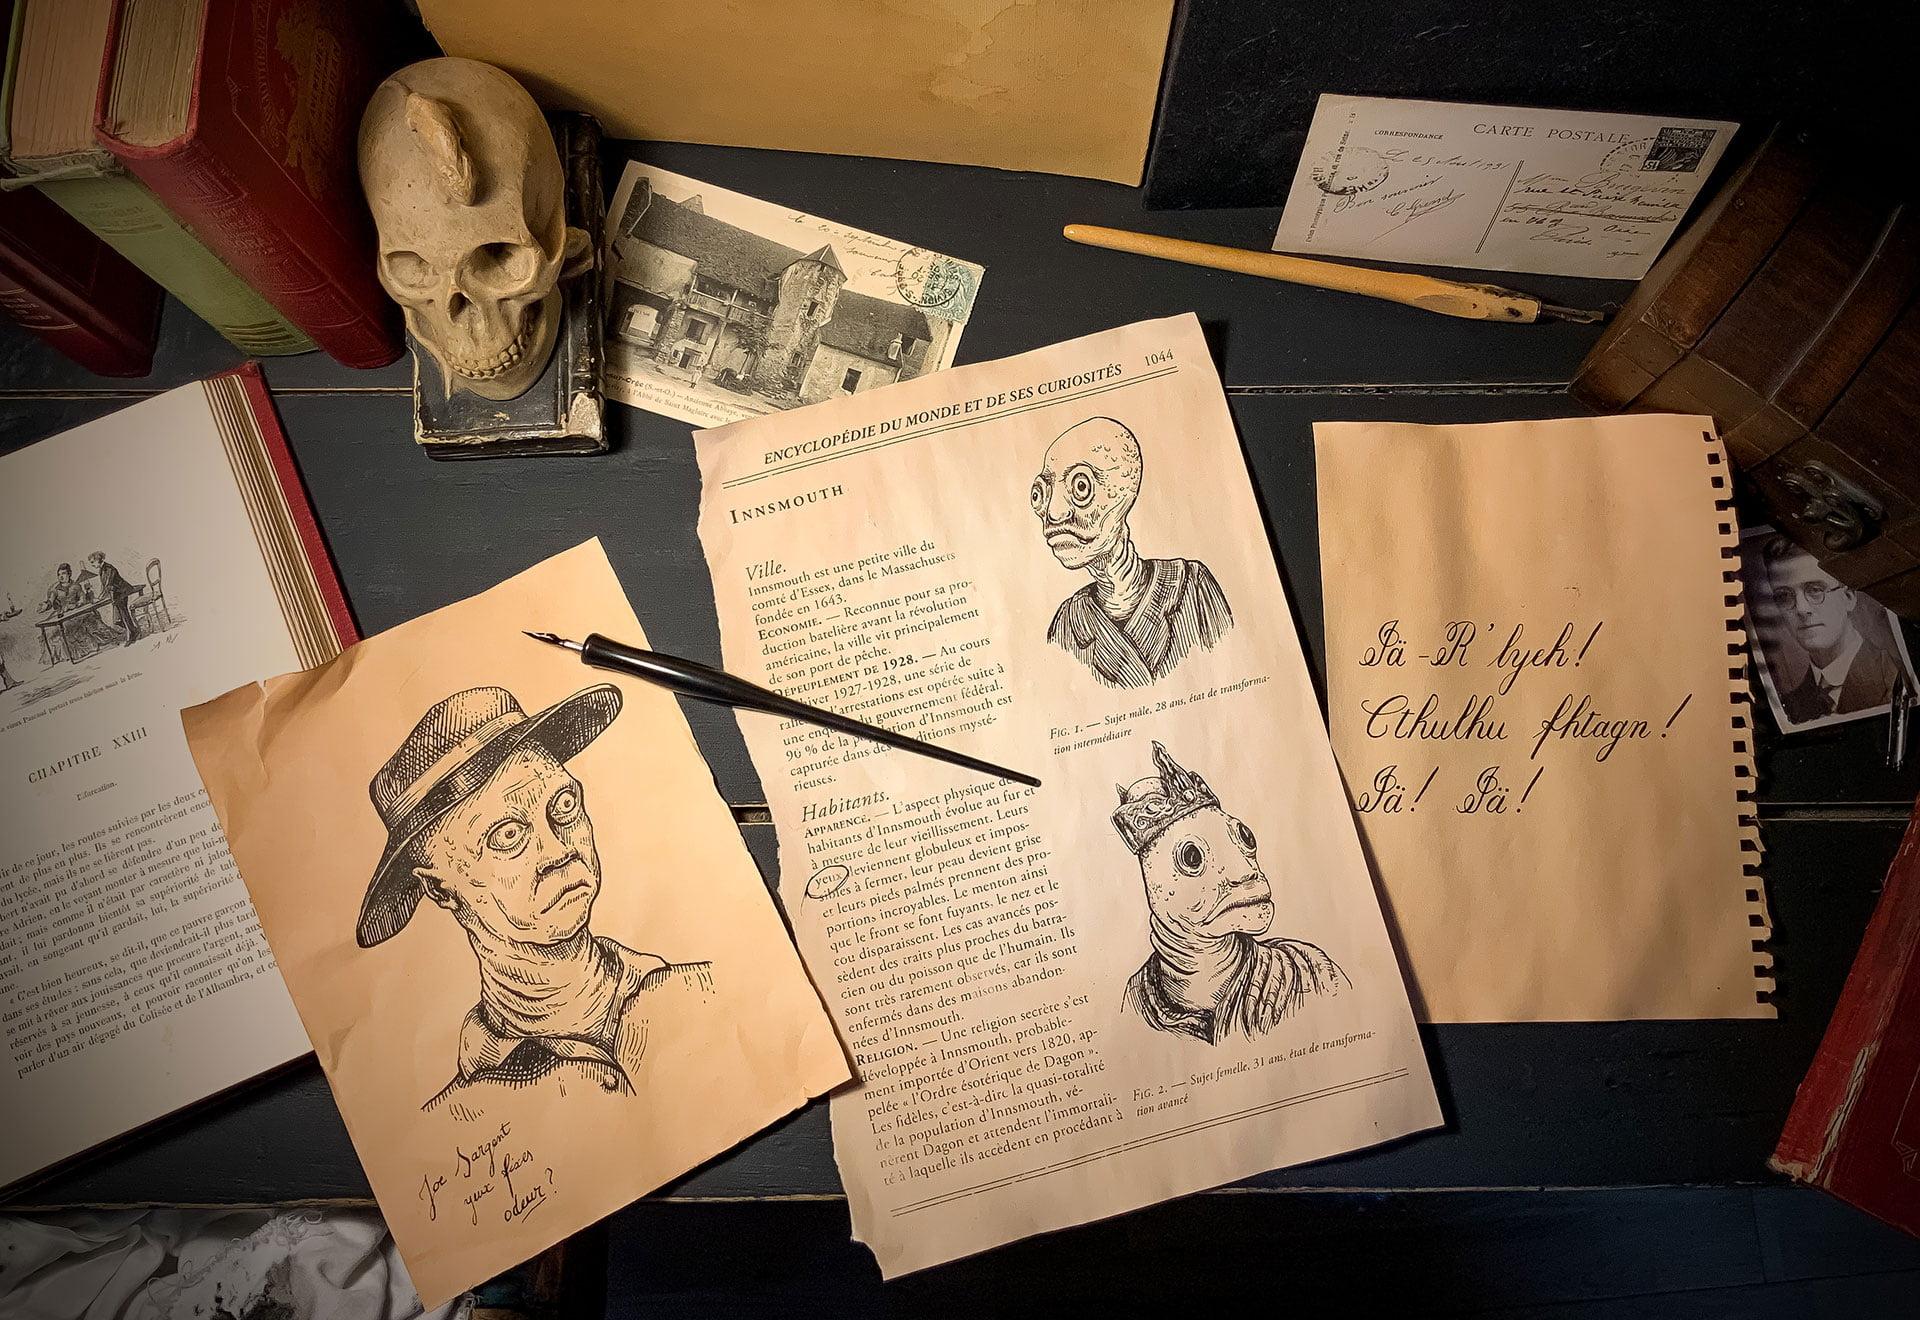 Faux papiers anciens pour un escape game sur le thème de l'oeuvre de Lovecraft